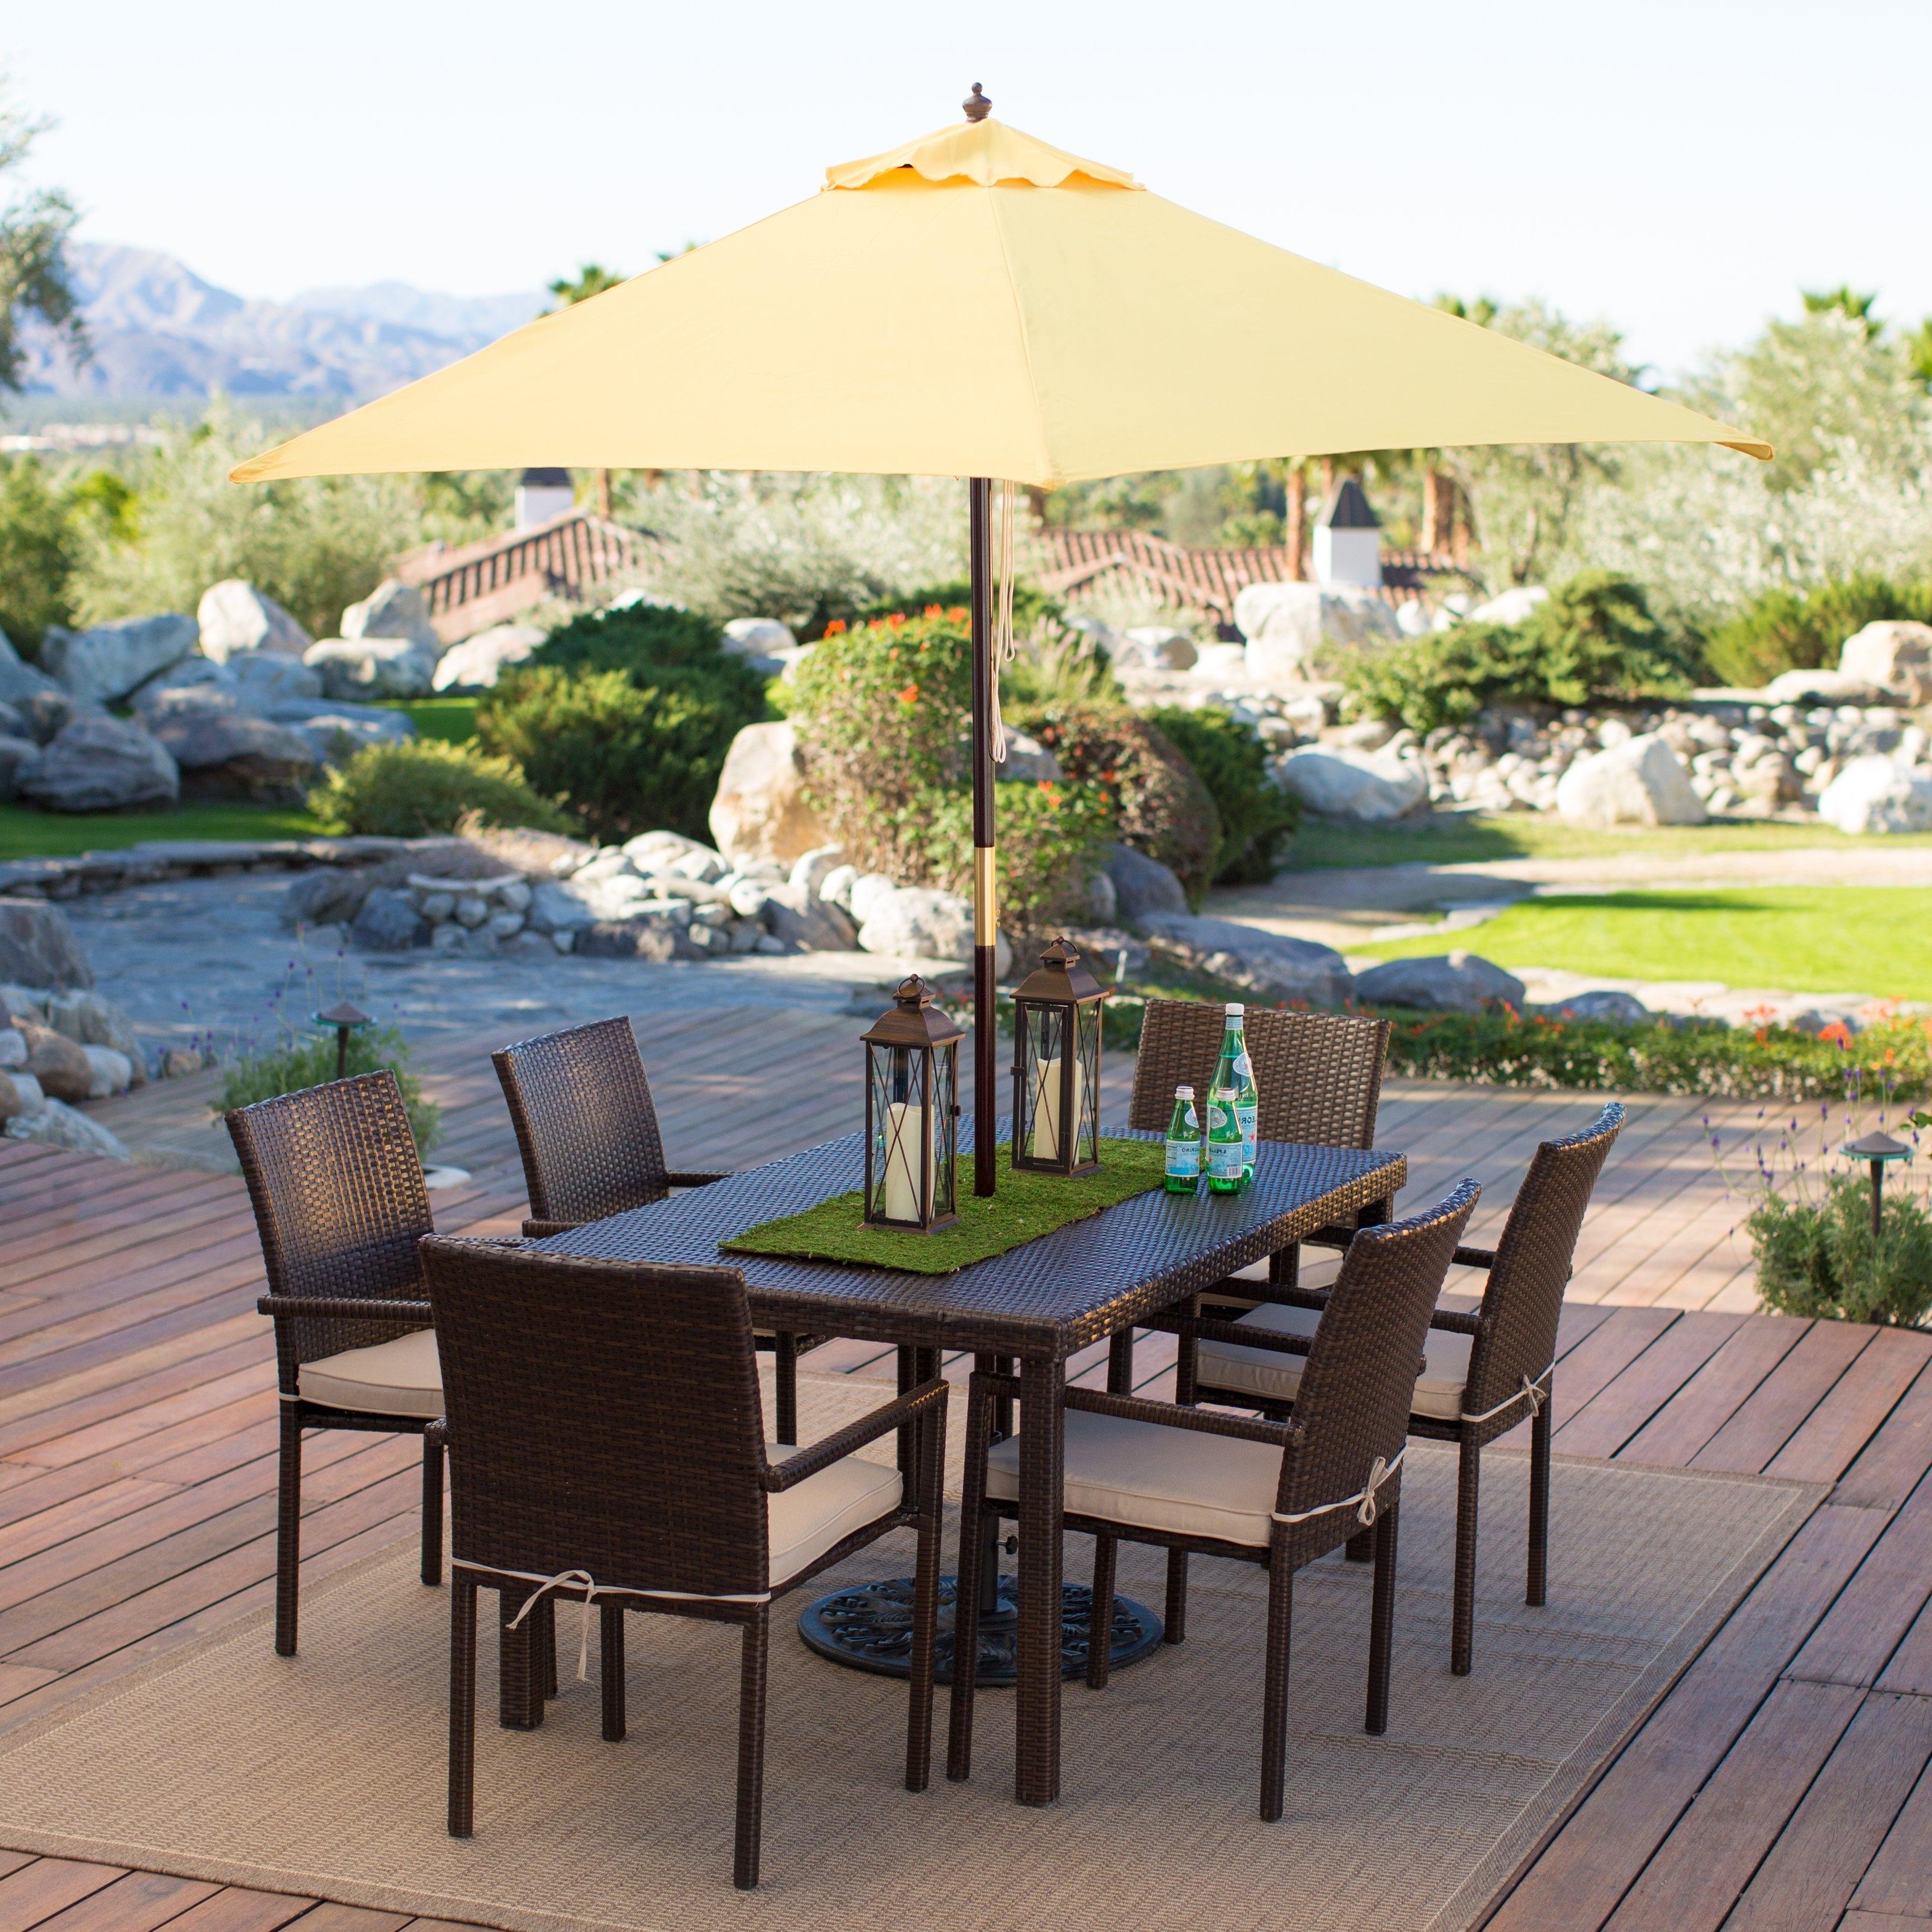 Giant Patio Umbrellas For Famous Garden: Enchanting Outdoor Patio Decor Ideas With Patio Umbrellas (Gallery 18 of 20)